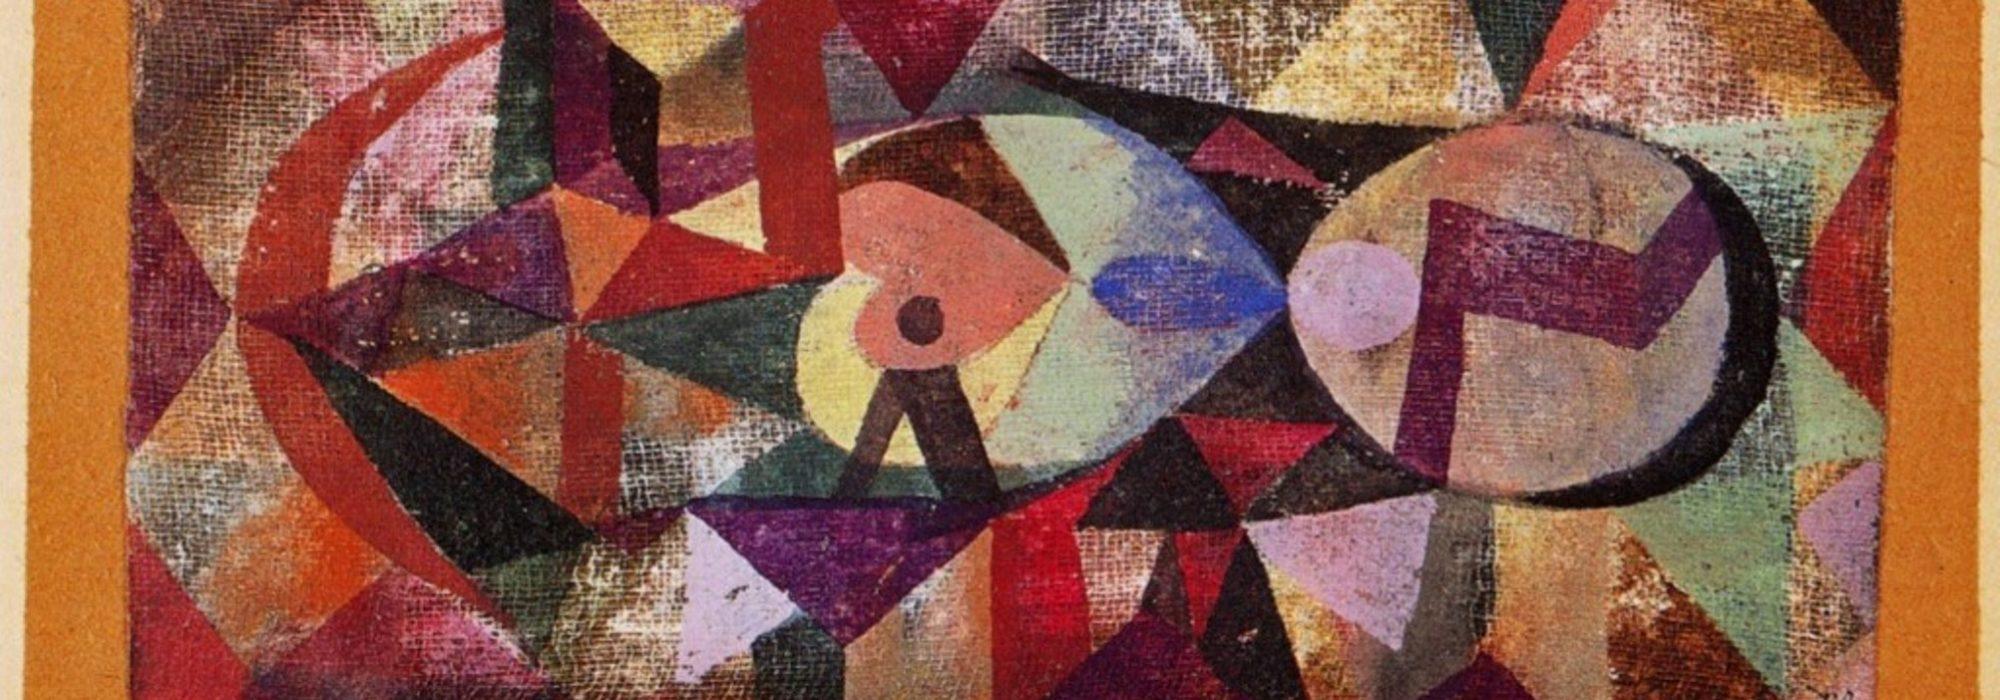 Imagem: Ab ovo (Paul Klee)